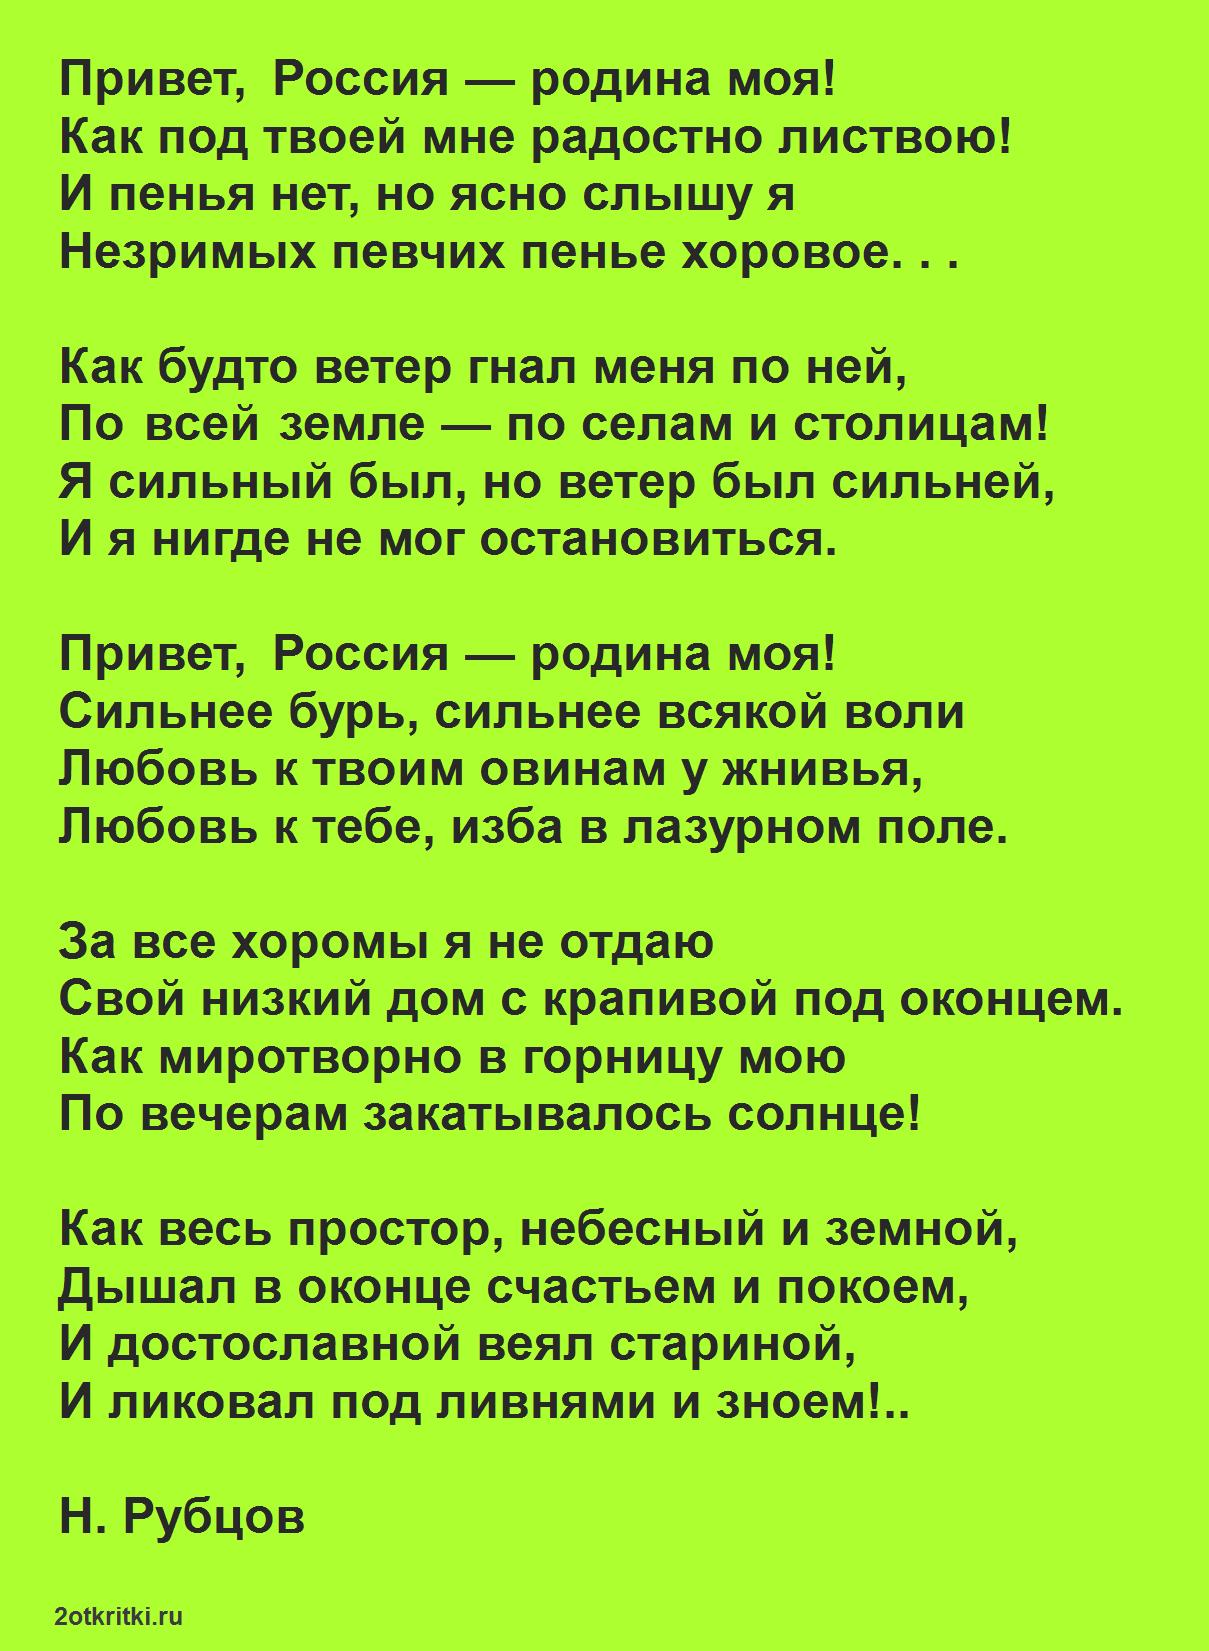 Стихи на день России для детей - Привет, Россия - родина моя